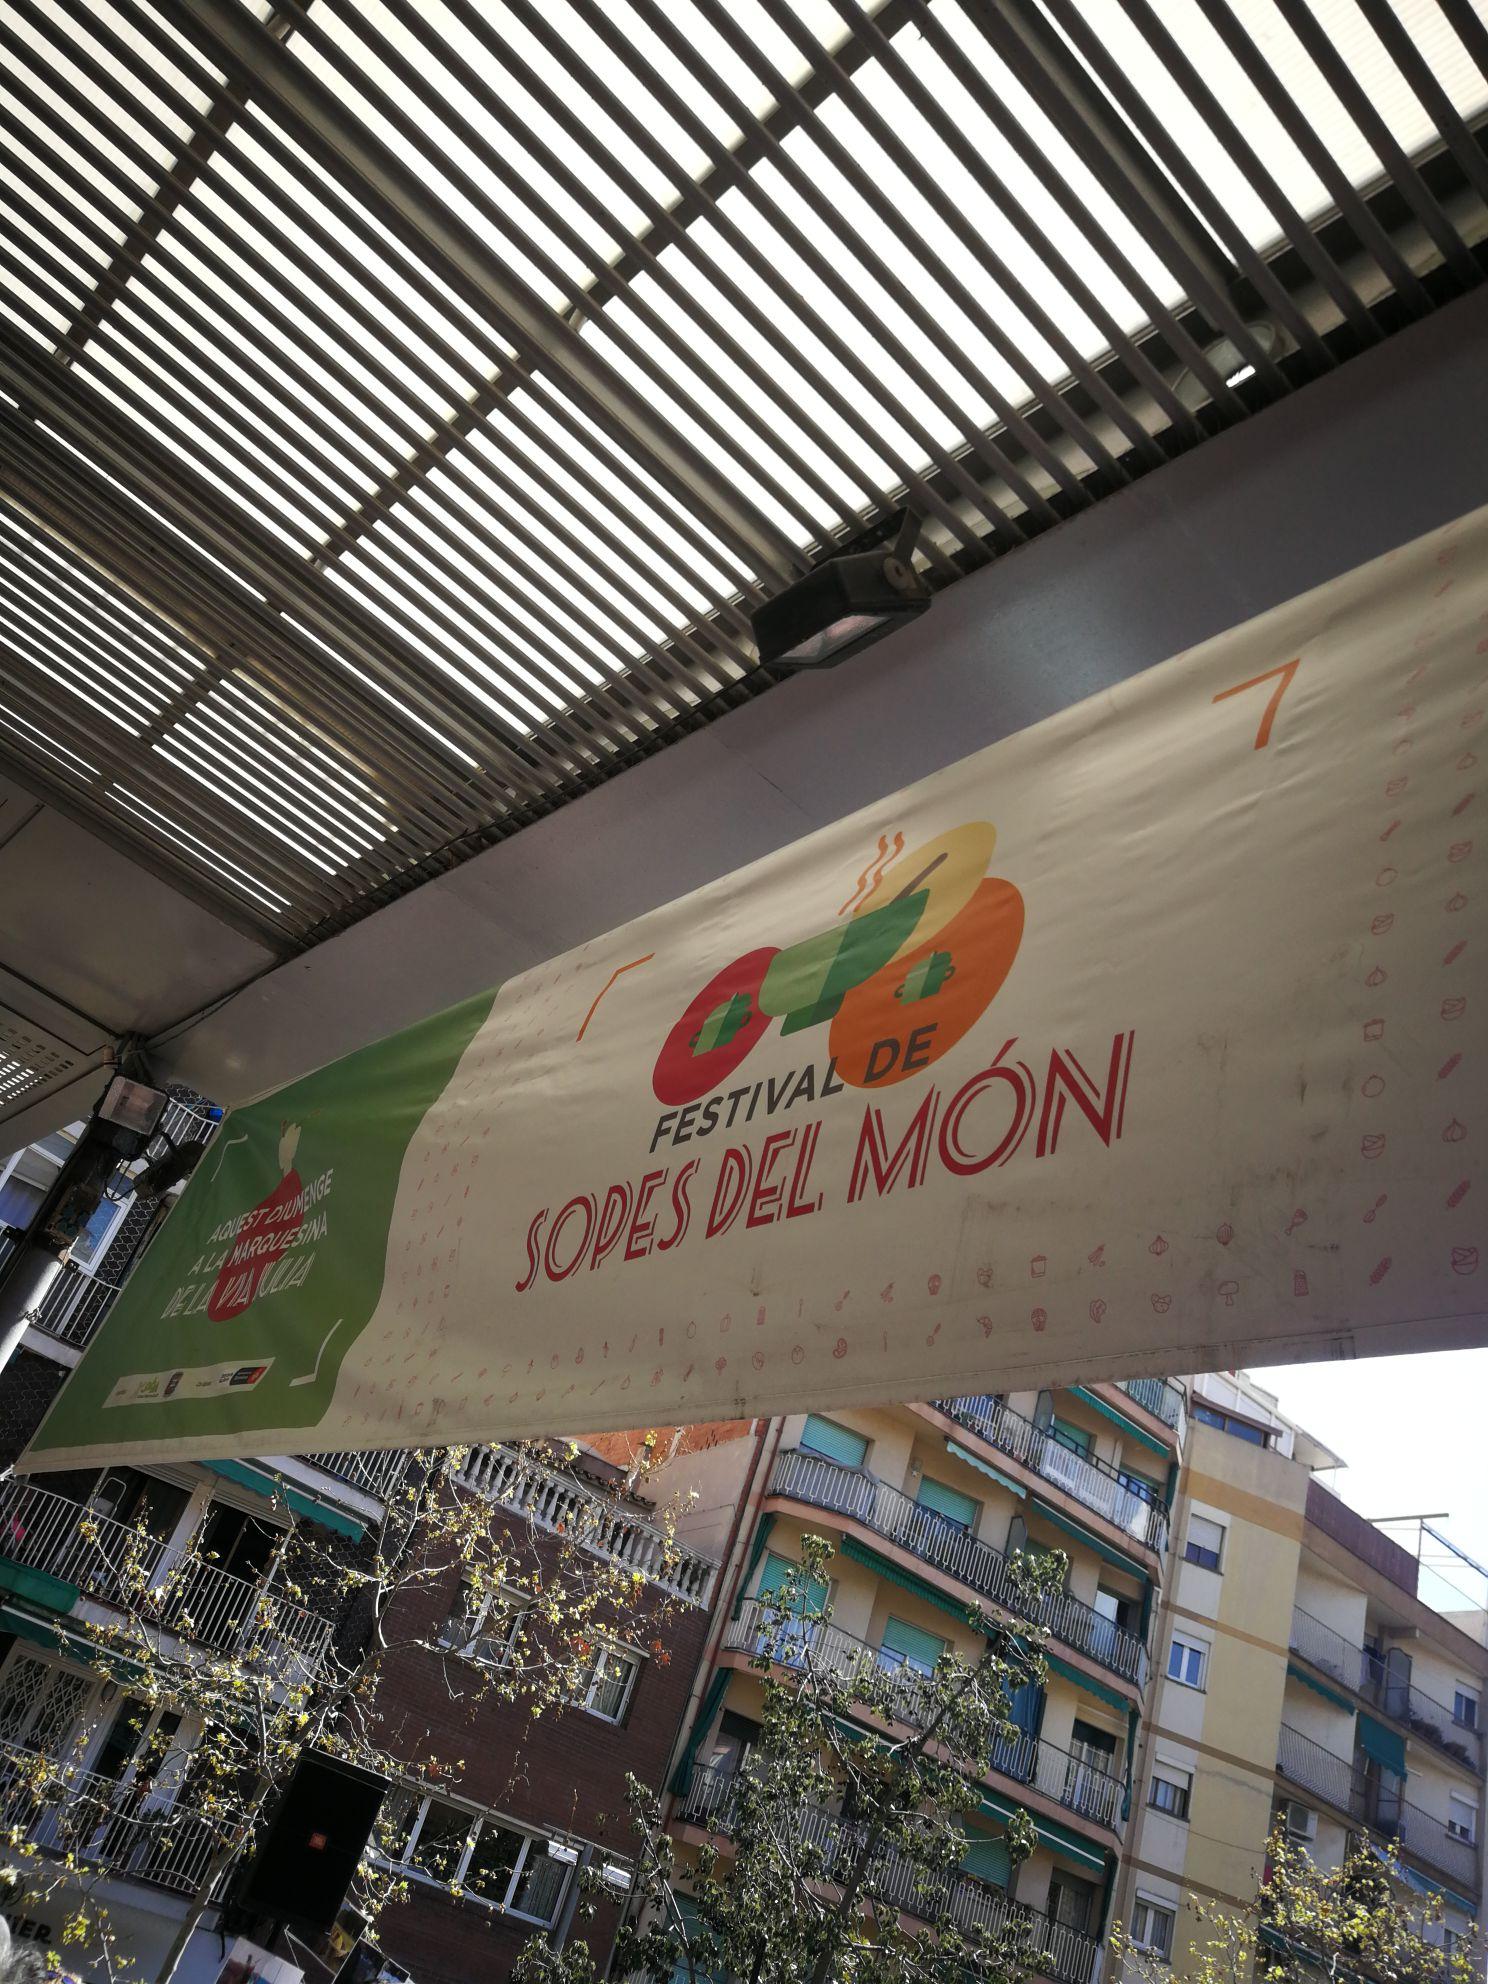 Festival de sopas del mundo en Barcelona